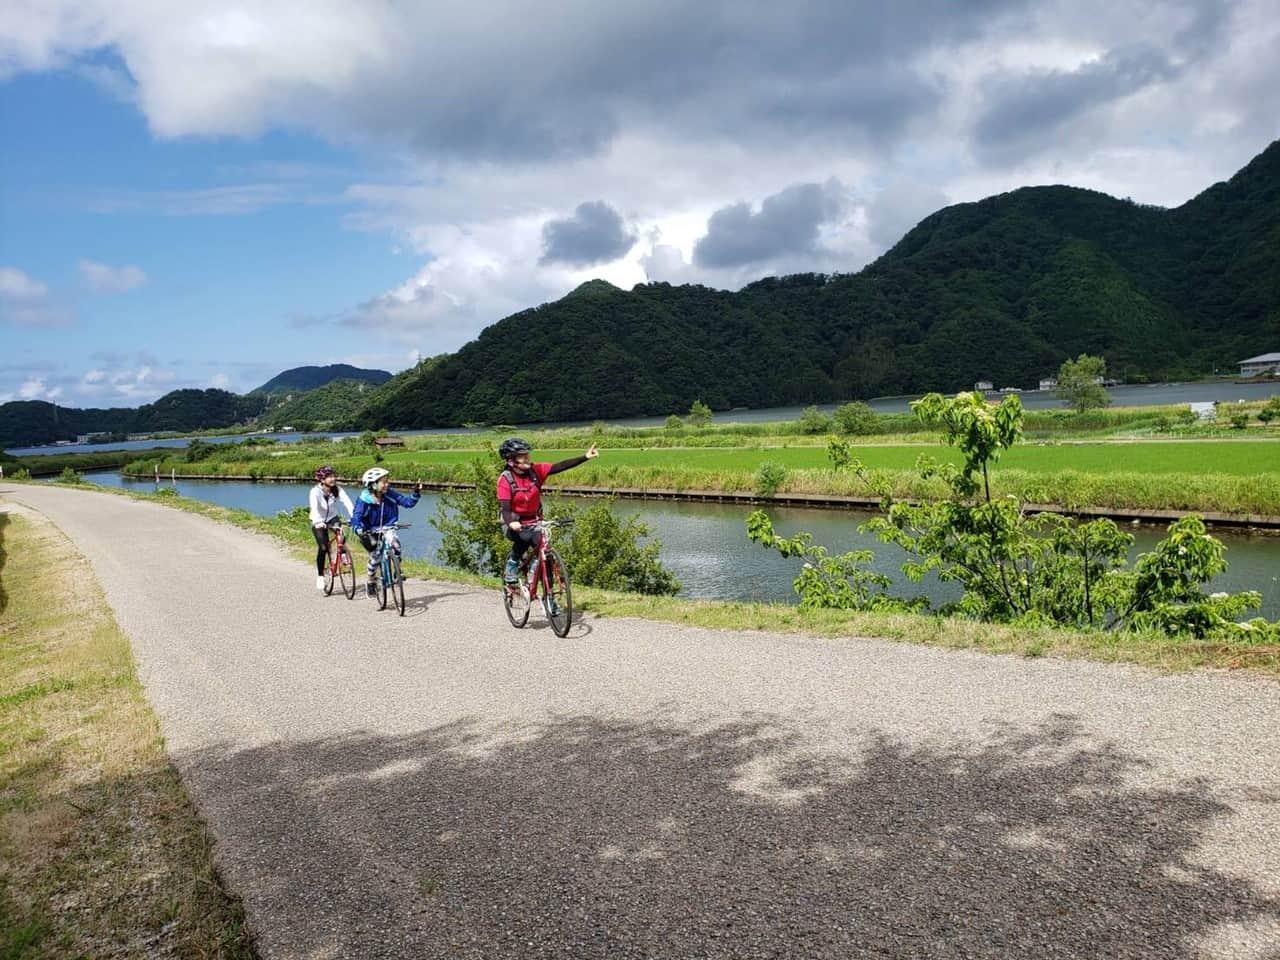 ปั่นจักรยานเลียบแม่น้ำ Maruyama River